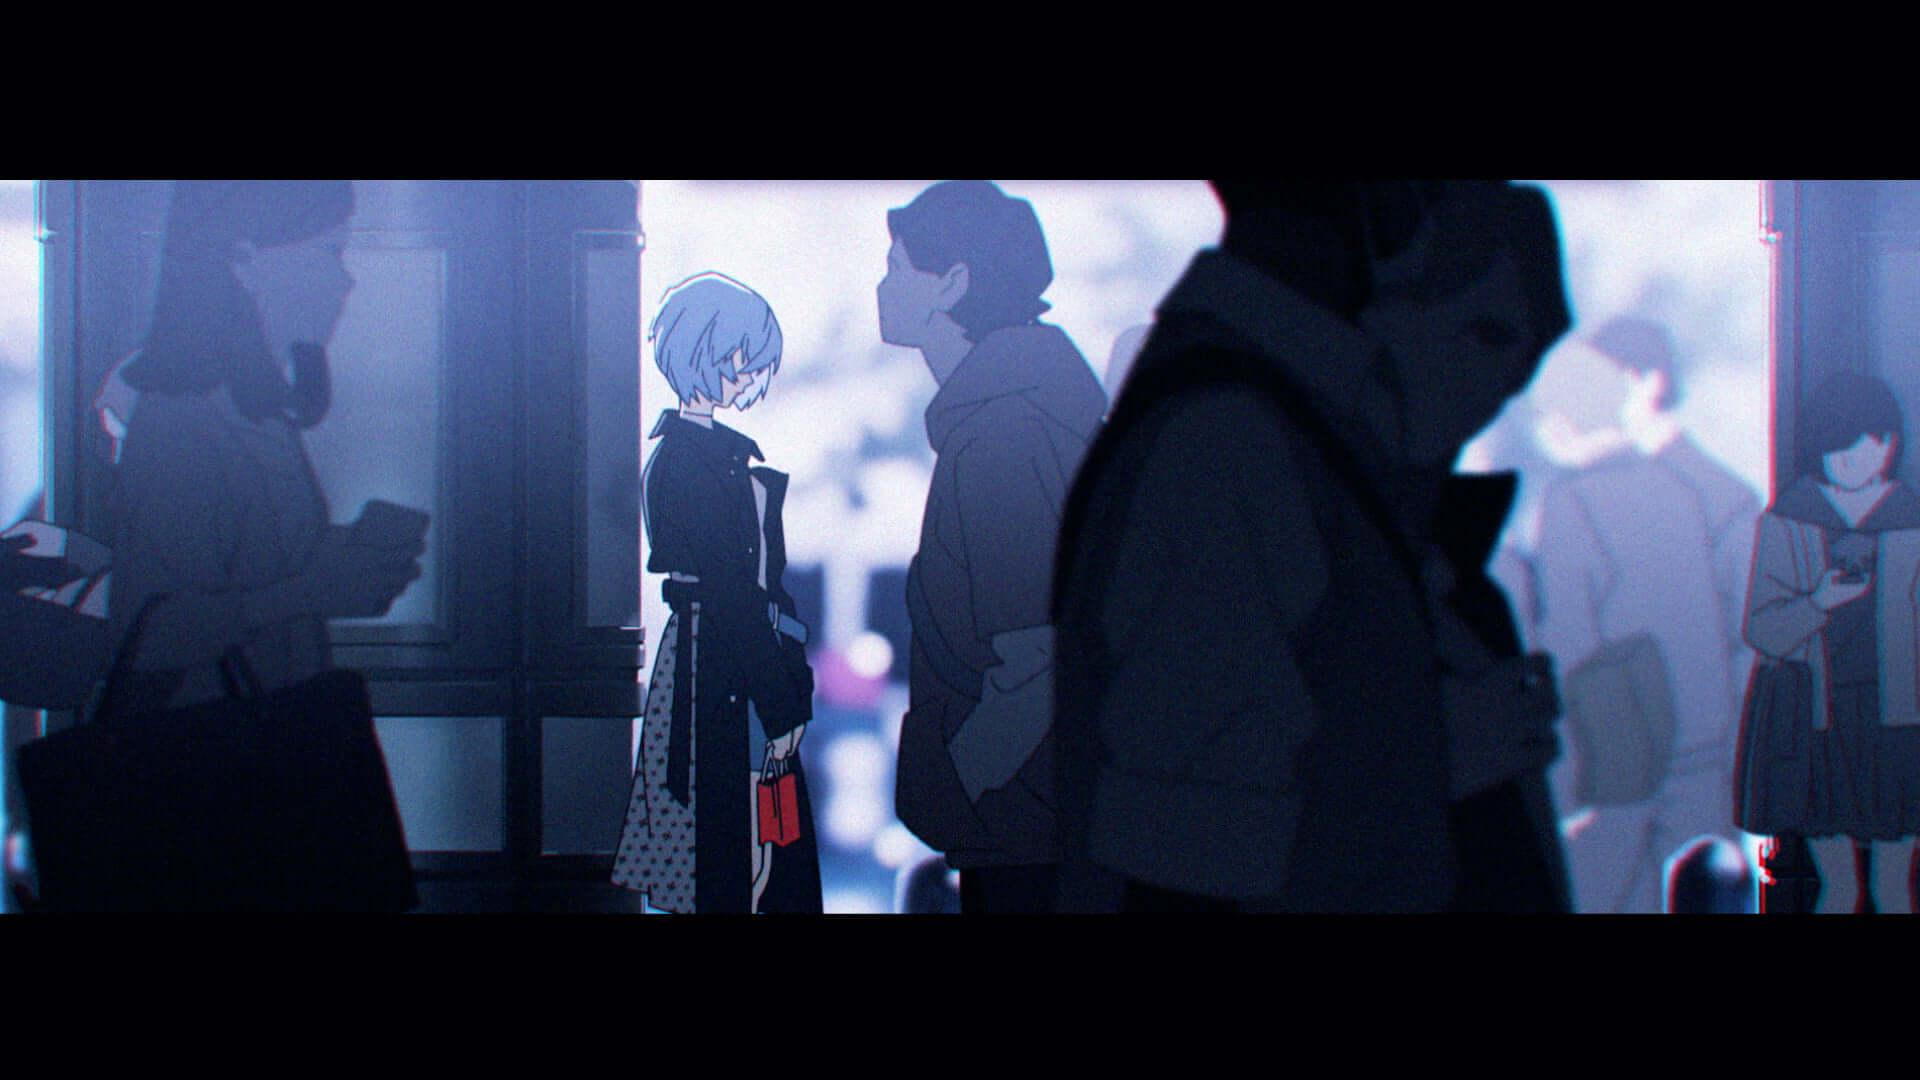 綾波レイが微笑む先には一体何が?『エヴァンゲリオン』とKATEのコラボ動画第2弾が公開決定 lf210202_kate-eva_9-1920x1080